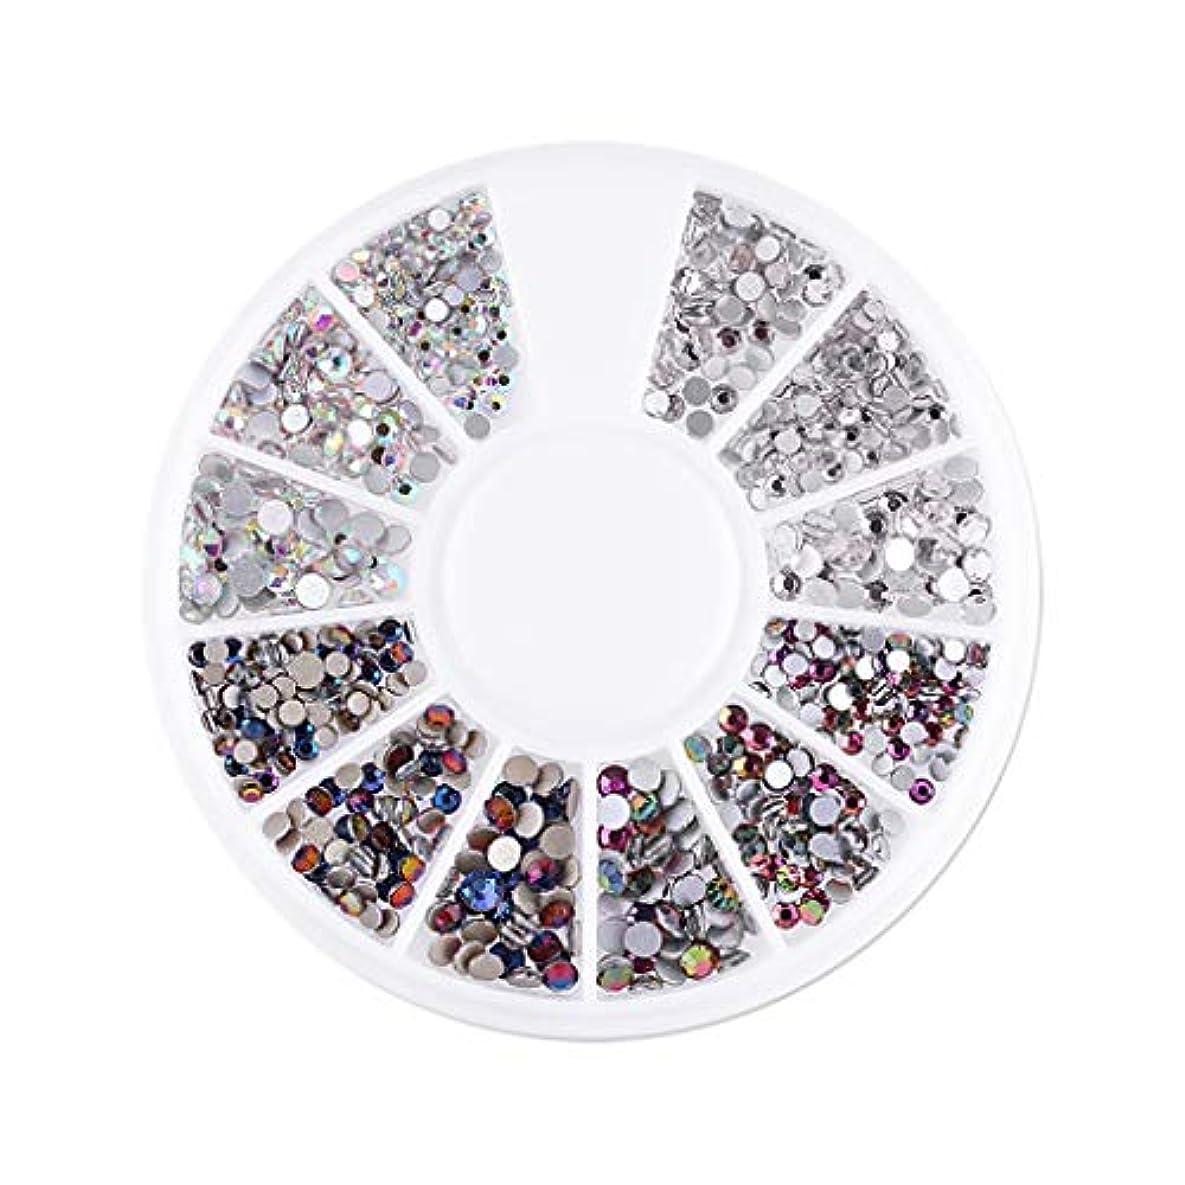 解放スタイル手のひらPosmant 美容 ツール ネイル用品 ネイルドリル マニキュア ペディキュア 便利な 高品質 耐久性あり 携帯便利 ファッション パーティー 多目的 マニキュア メイク 複数の色 選択できます